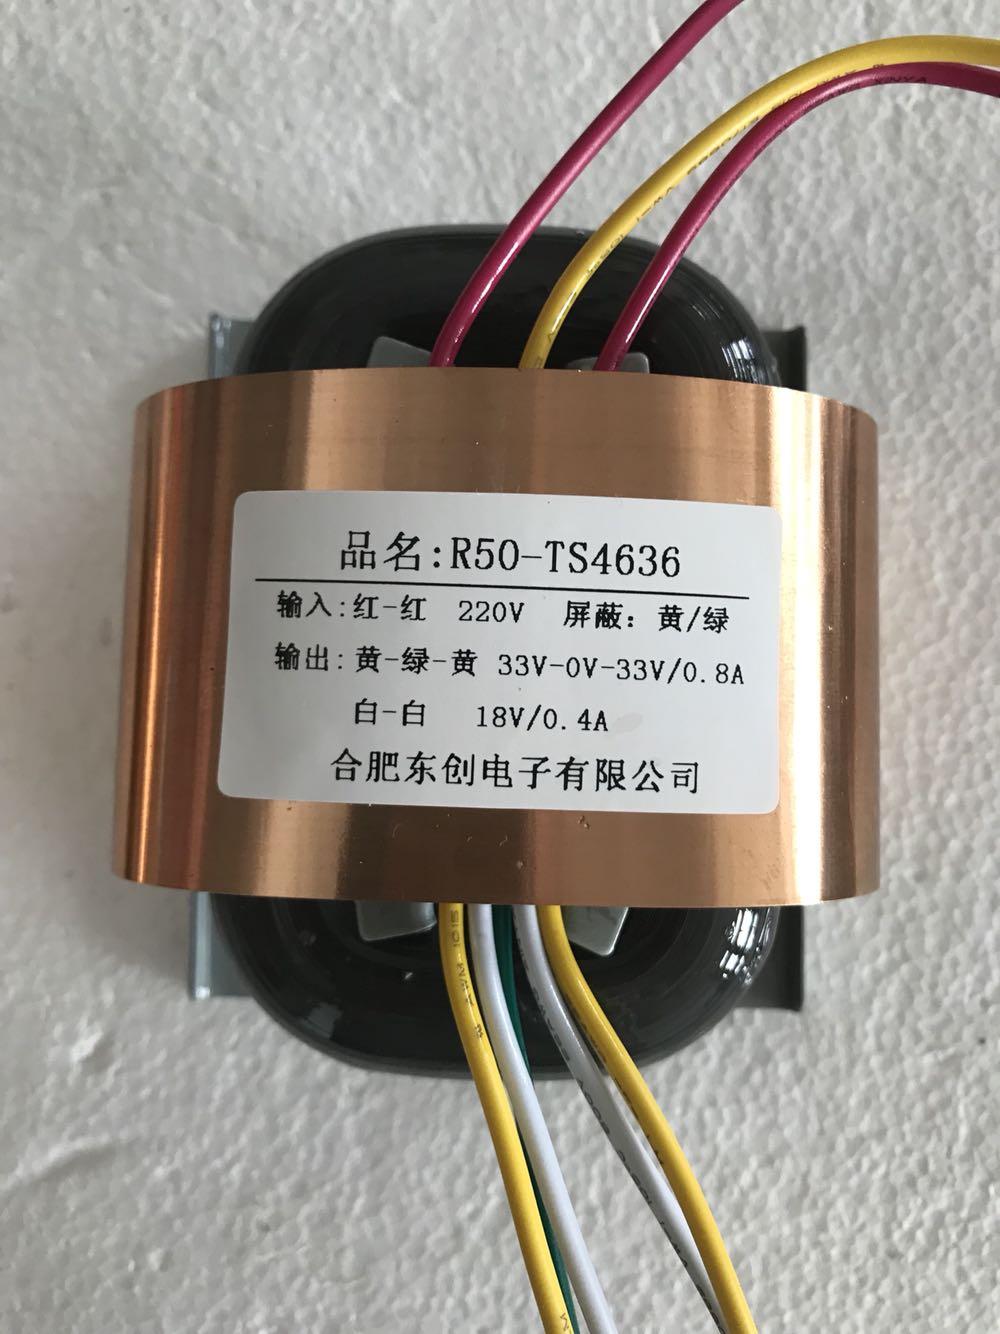 33V-0-33V 0.8A 18V 0.4A R Core Transformer R50 custom transformer 220V with copper shield output Pre-decoder Power amplifier33V-0-33V 0.8A 18V 0.4A R Core Transformer R50 custom transformer 220V with copper shield output Pre-decoder Power amplifier